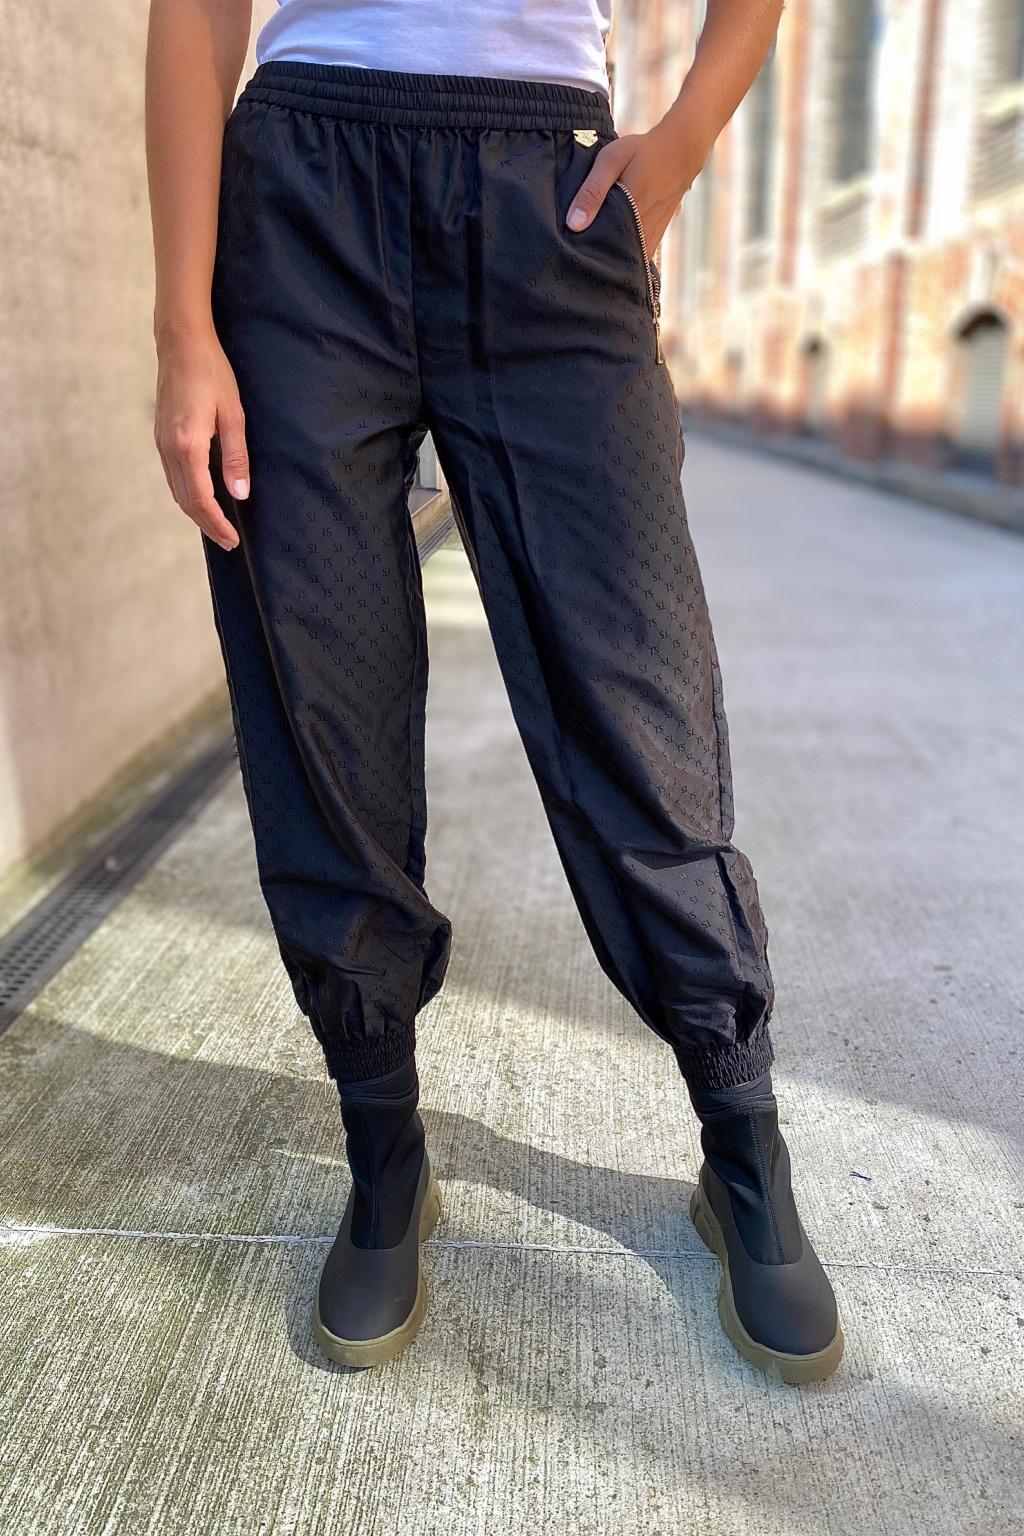 Dámské kalhoty Twinset 212LI2LAA černé2